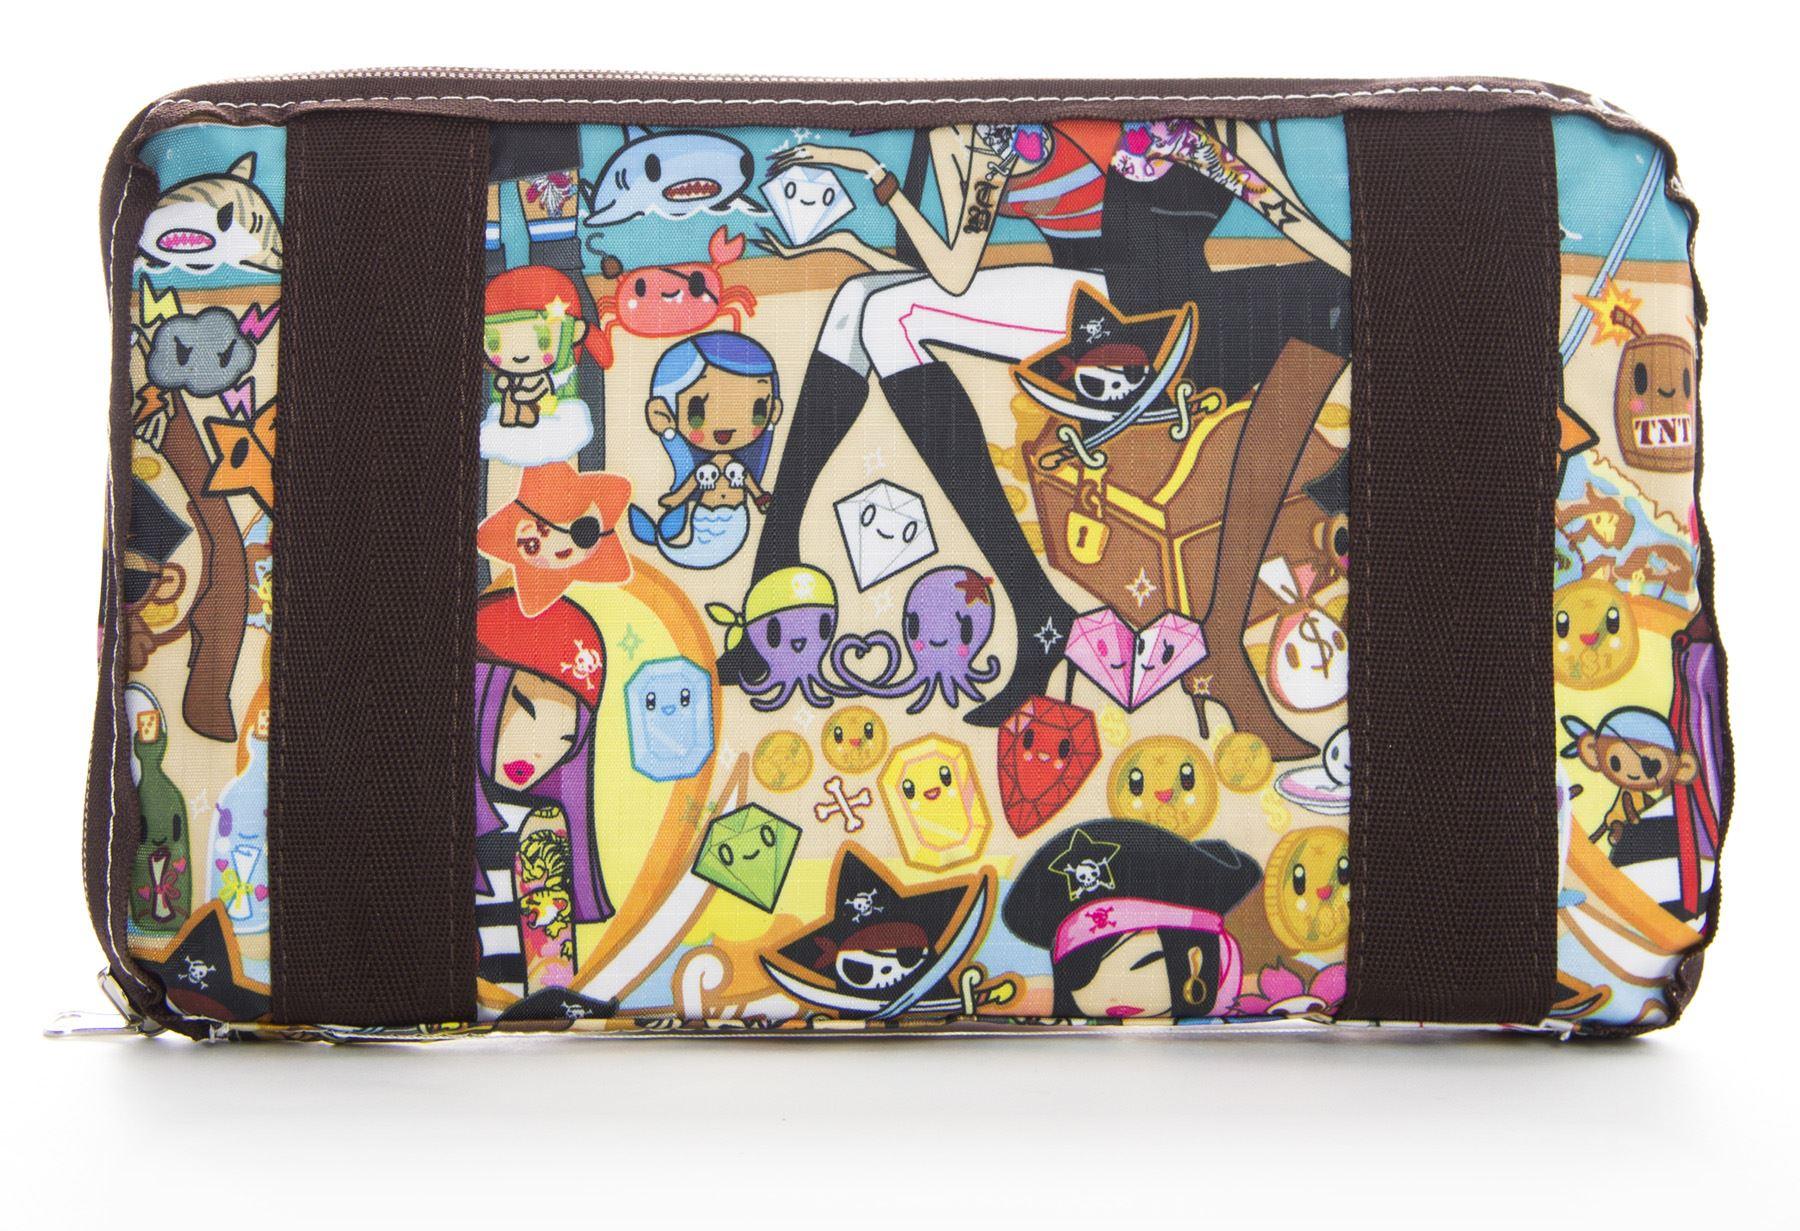 Big Handbag Shop UNISEX Taschen mit Reißverschluss Cartoon leicht groß